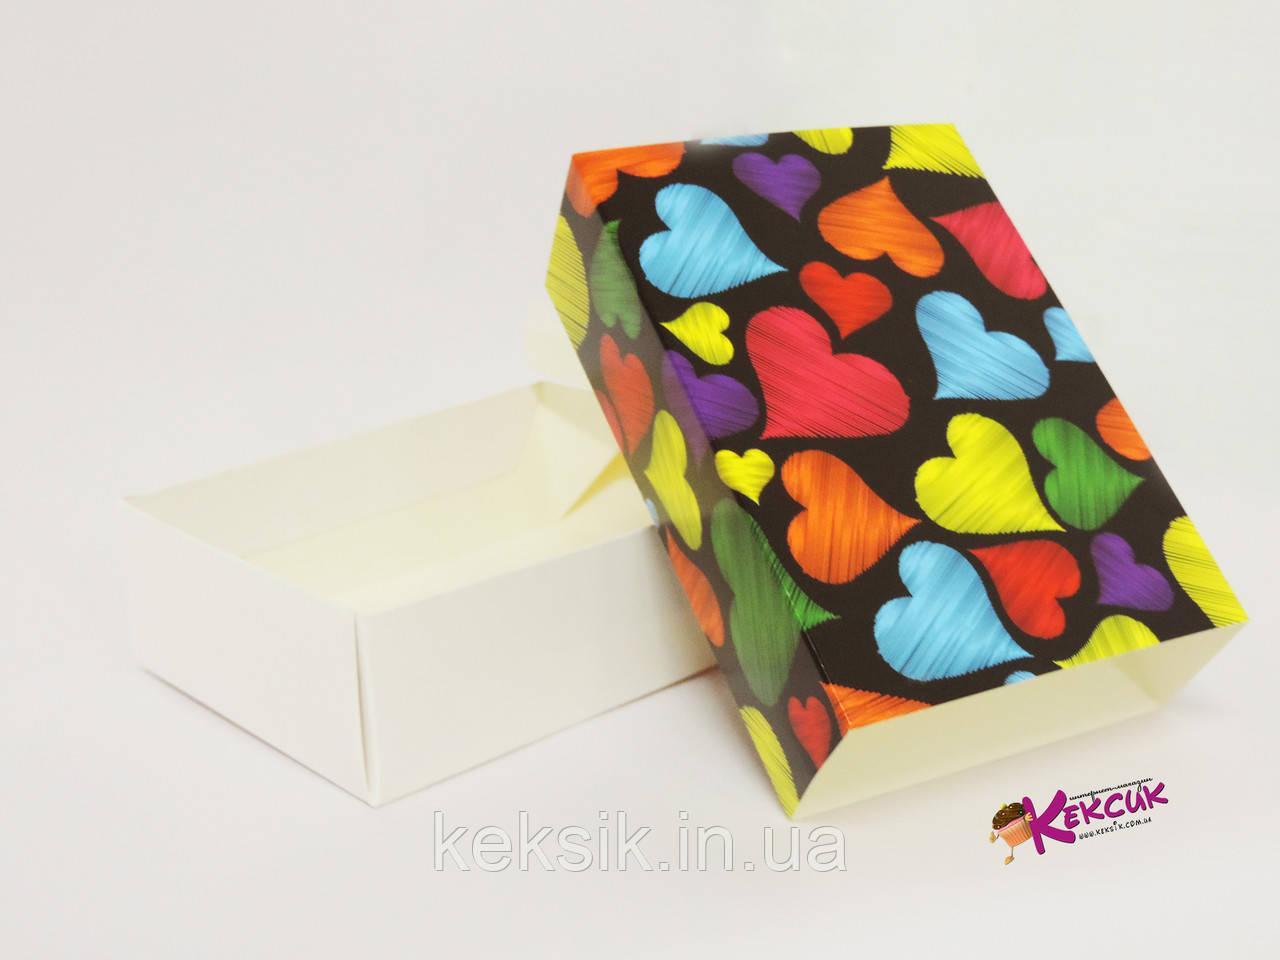 Коробка для macarons на 12 штук Сердечки темный фон 115*155*50